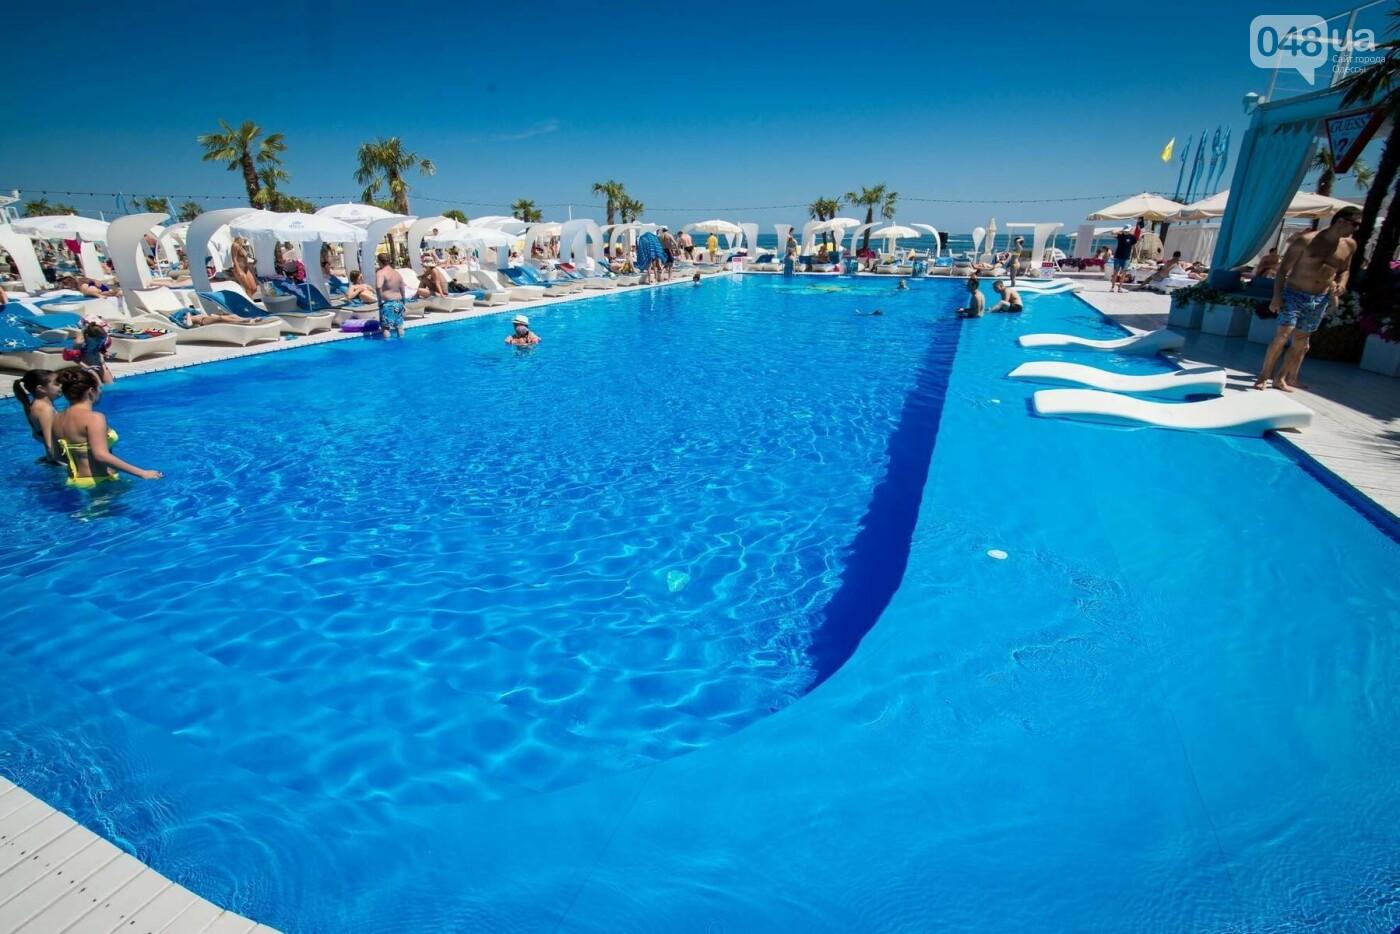 Пальмы и мохито: Топ открытых бассейнов Одессы, где можно отдохнуть по-богатому, - ФОТО, фото-5